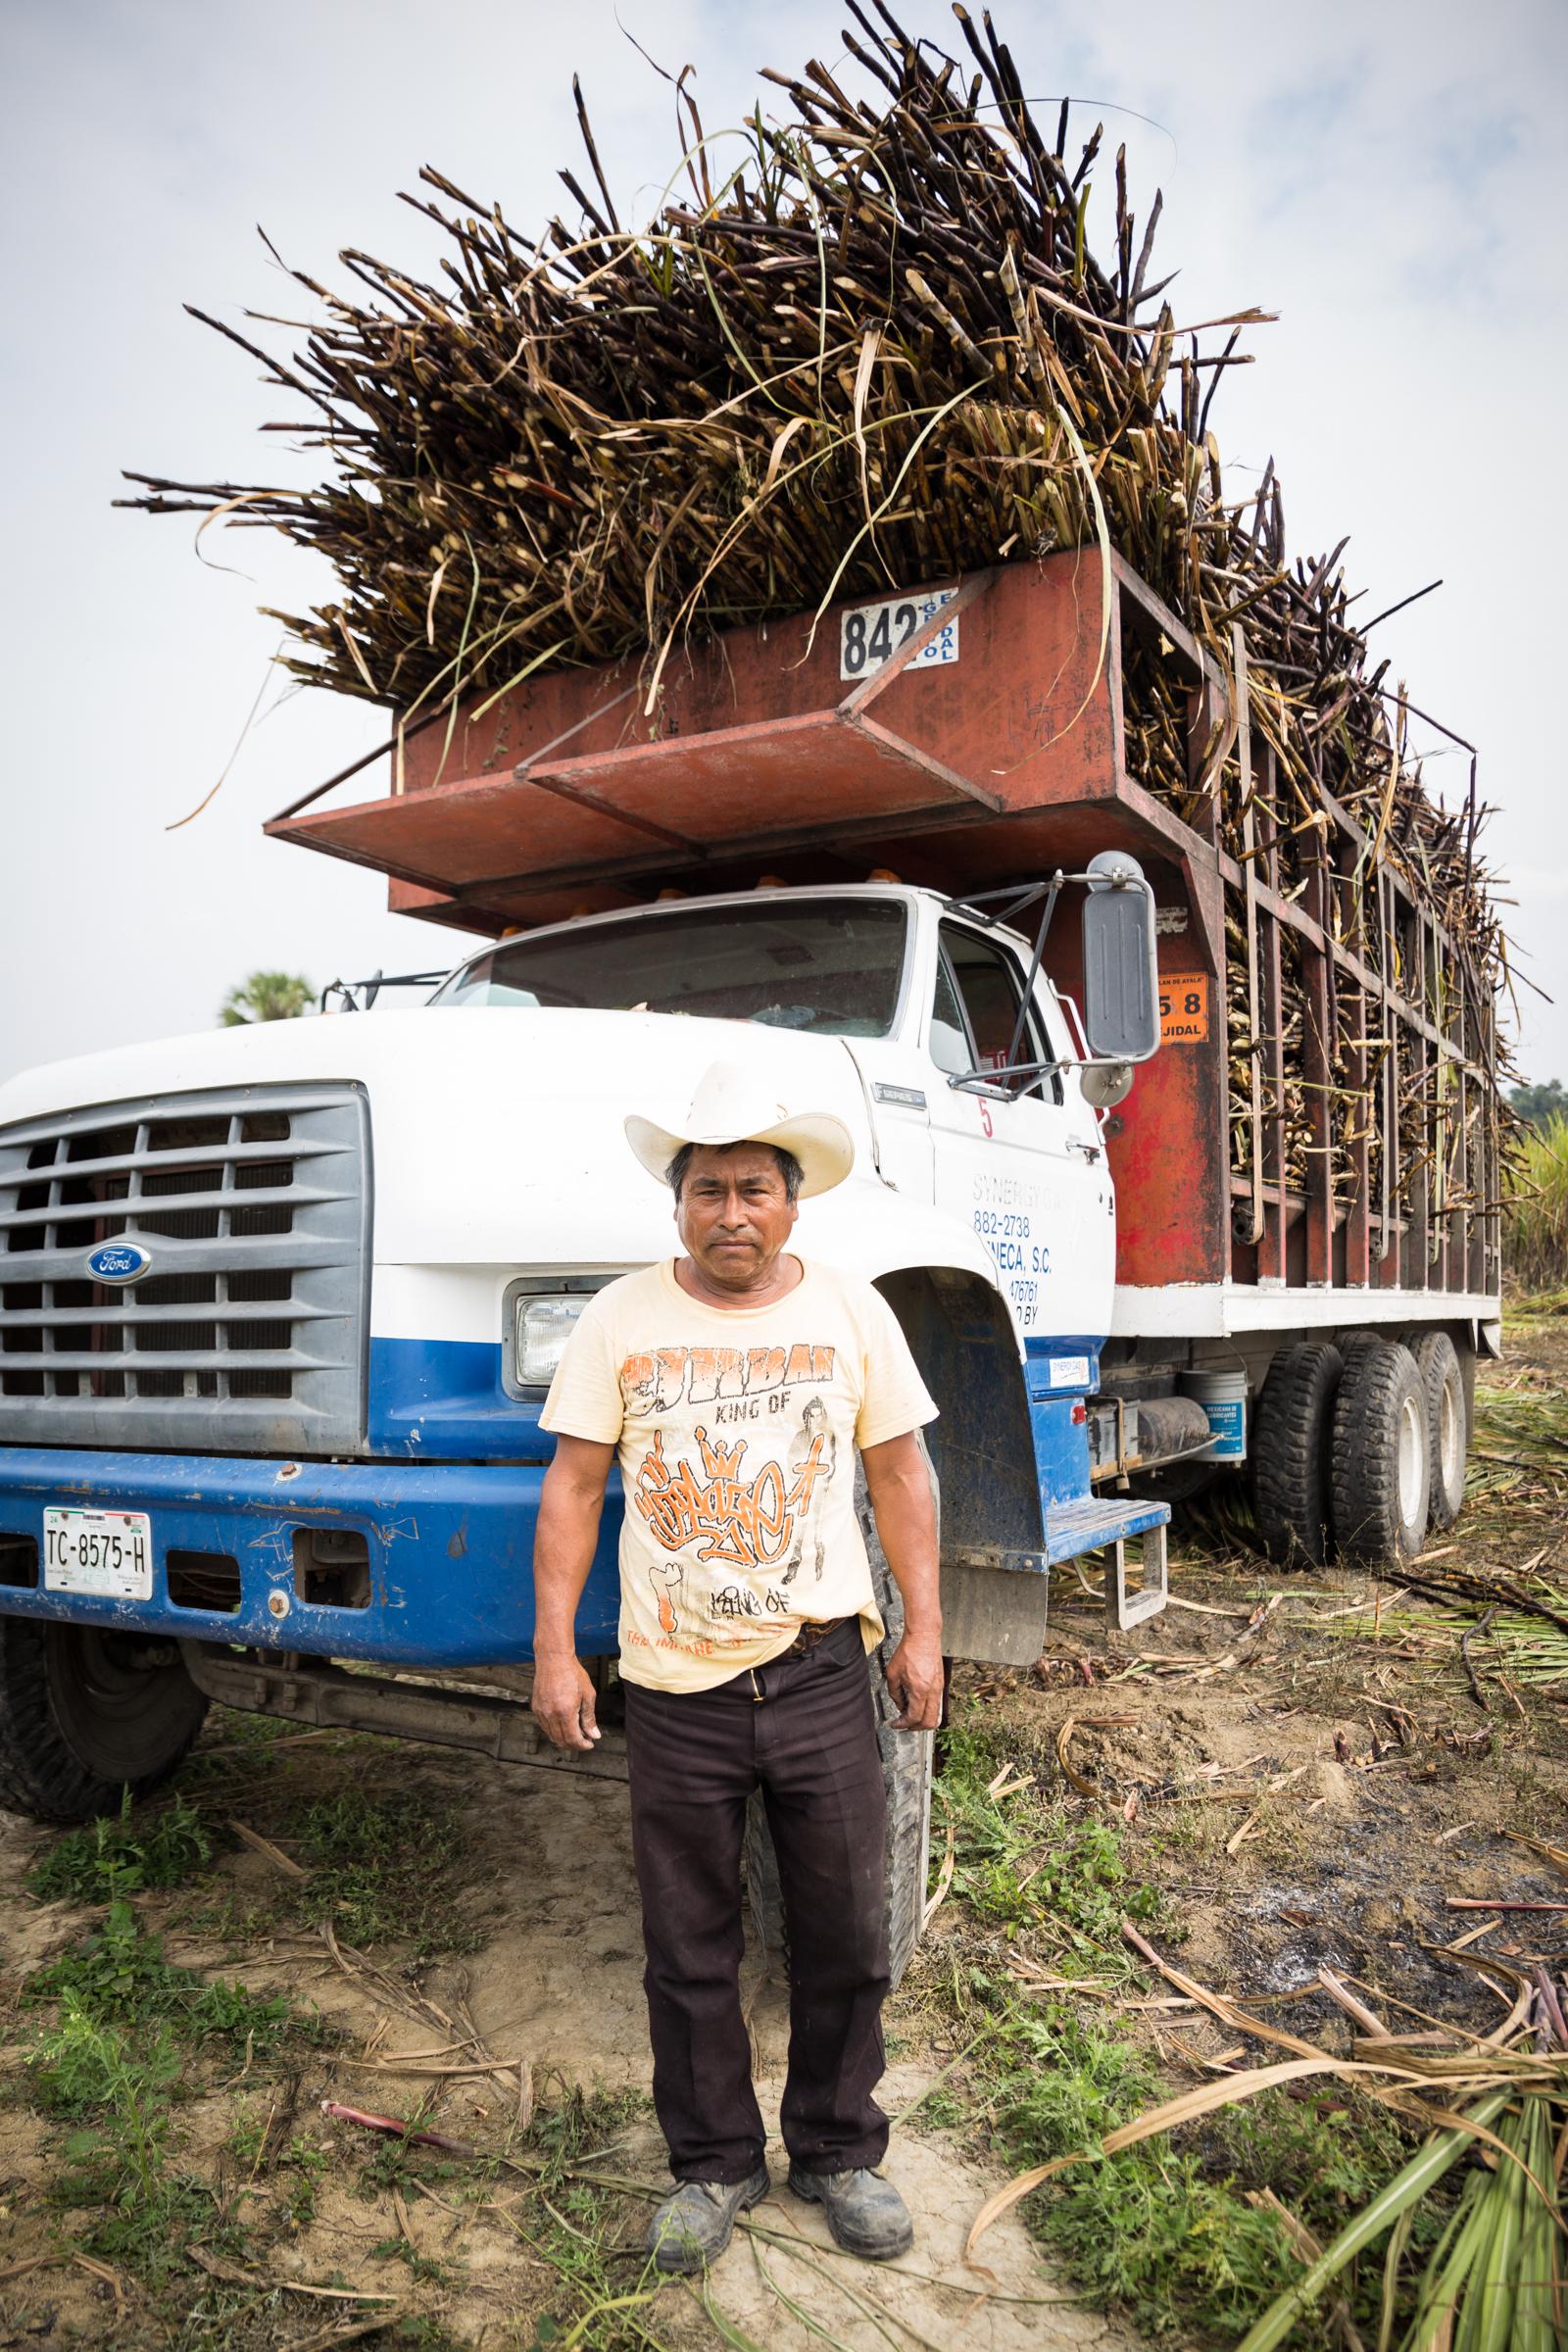 Tras el cultivo y cosecha, la caña es transportada hasta alguno de los cuatro ingenios de la zona, donde es pesada tras largas horas de espera para los transportistas.